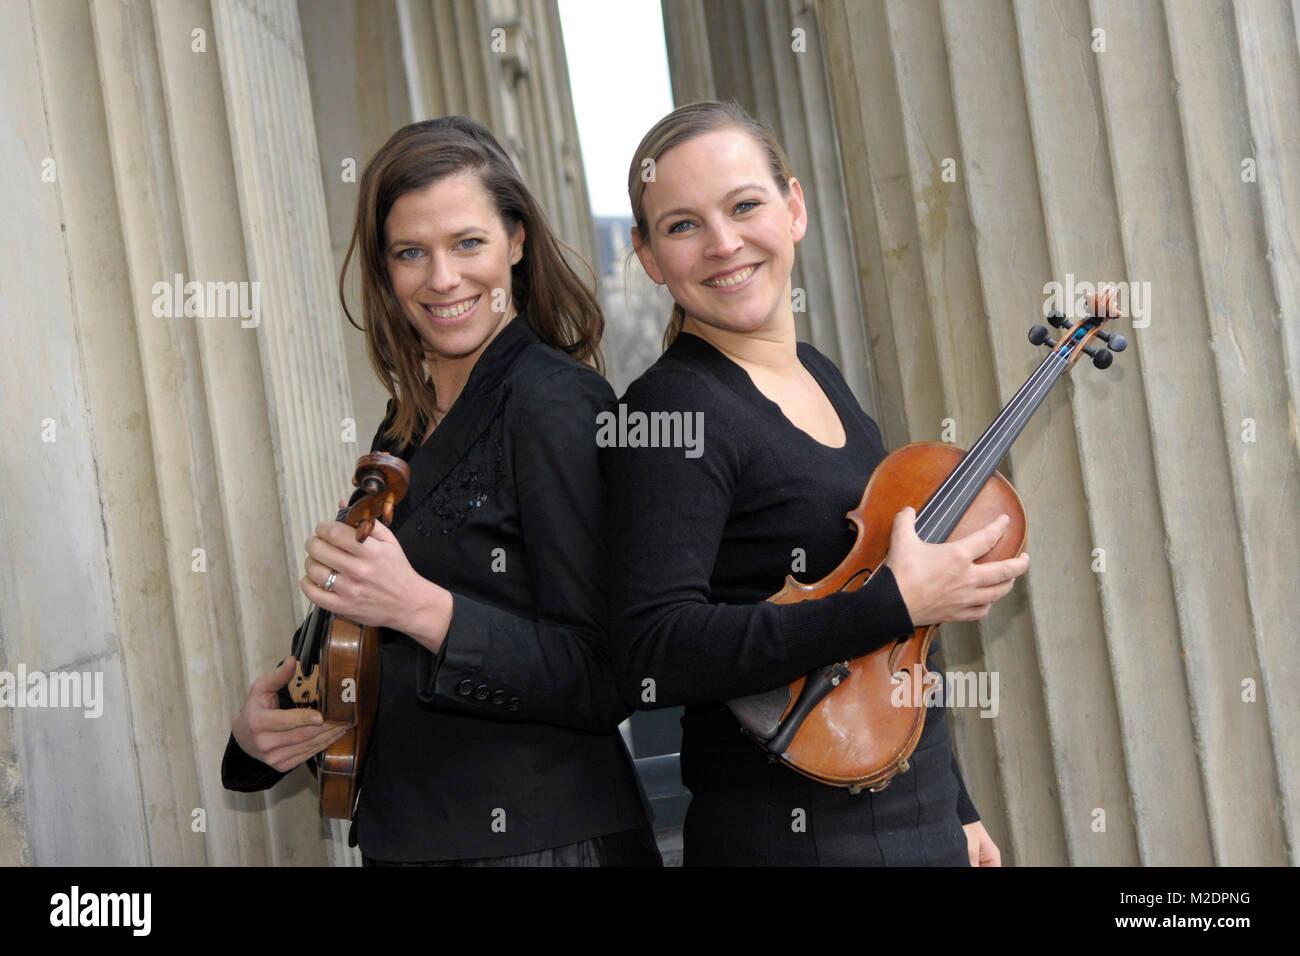 Iris Siegfried und Angelika Bachmann (v. li.) vom Quartett Salut Salon bei einem Promotiontermin in Hannover am Stockbild